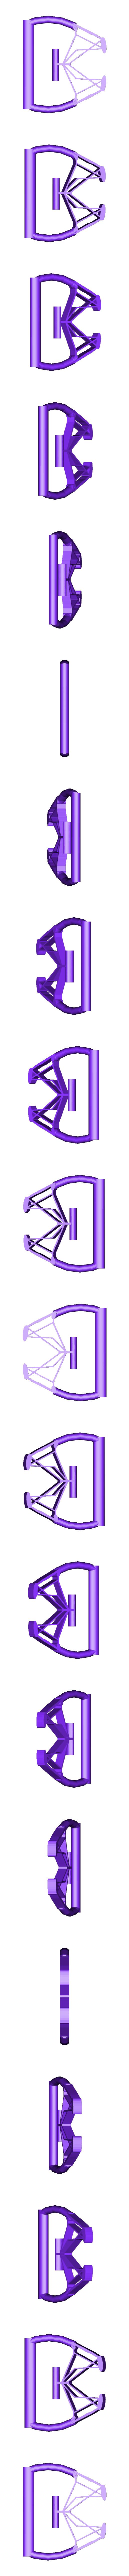 Shand2.stl Télécharger fichier STL Pince flexible • Plan imprimable en 3D, ZIndustries